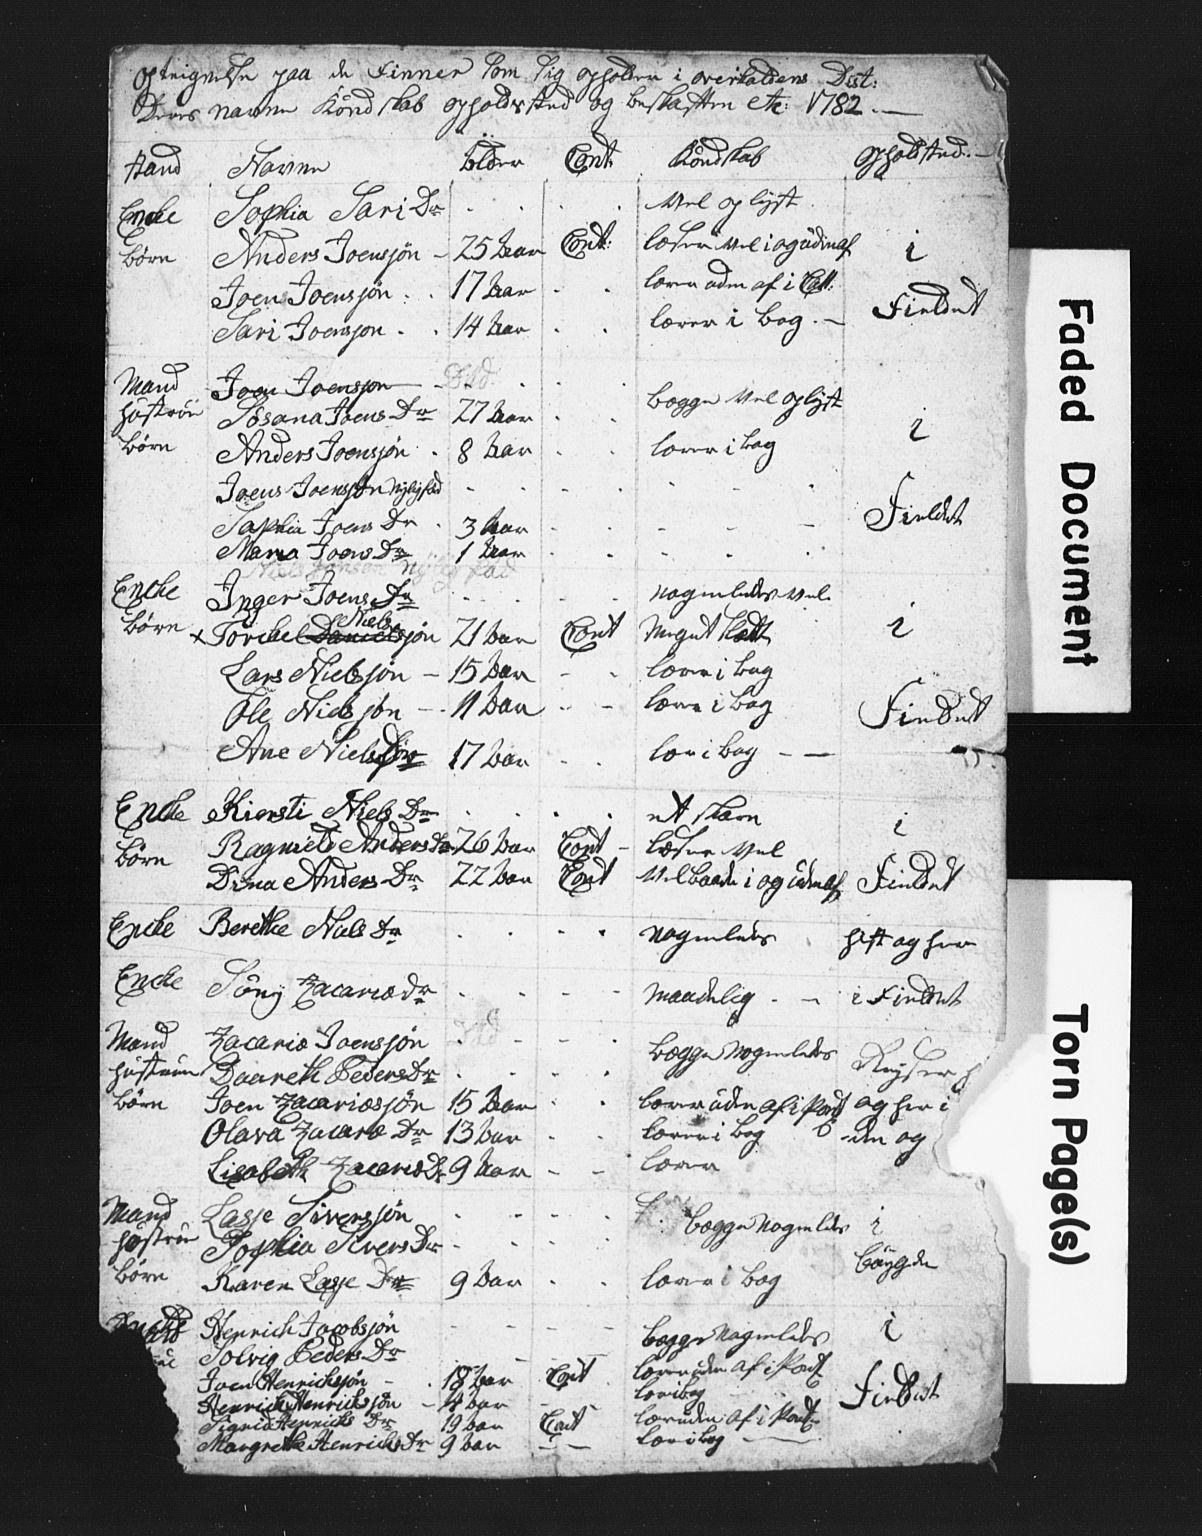 SAT, Kirkebok for Overhalla prestegjeld 1753-1789 (1744P), 1753-1789, s. upaginert